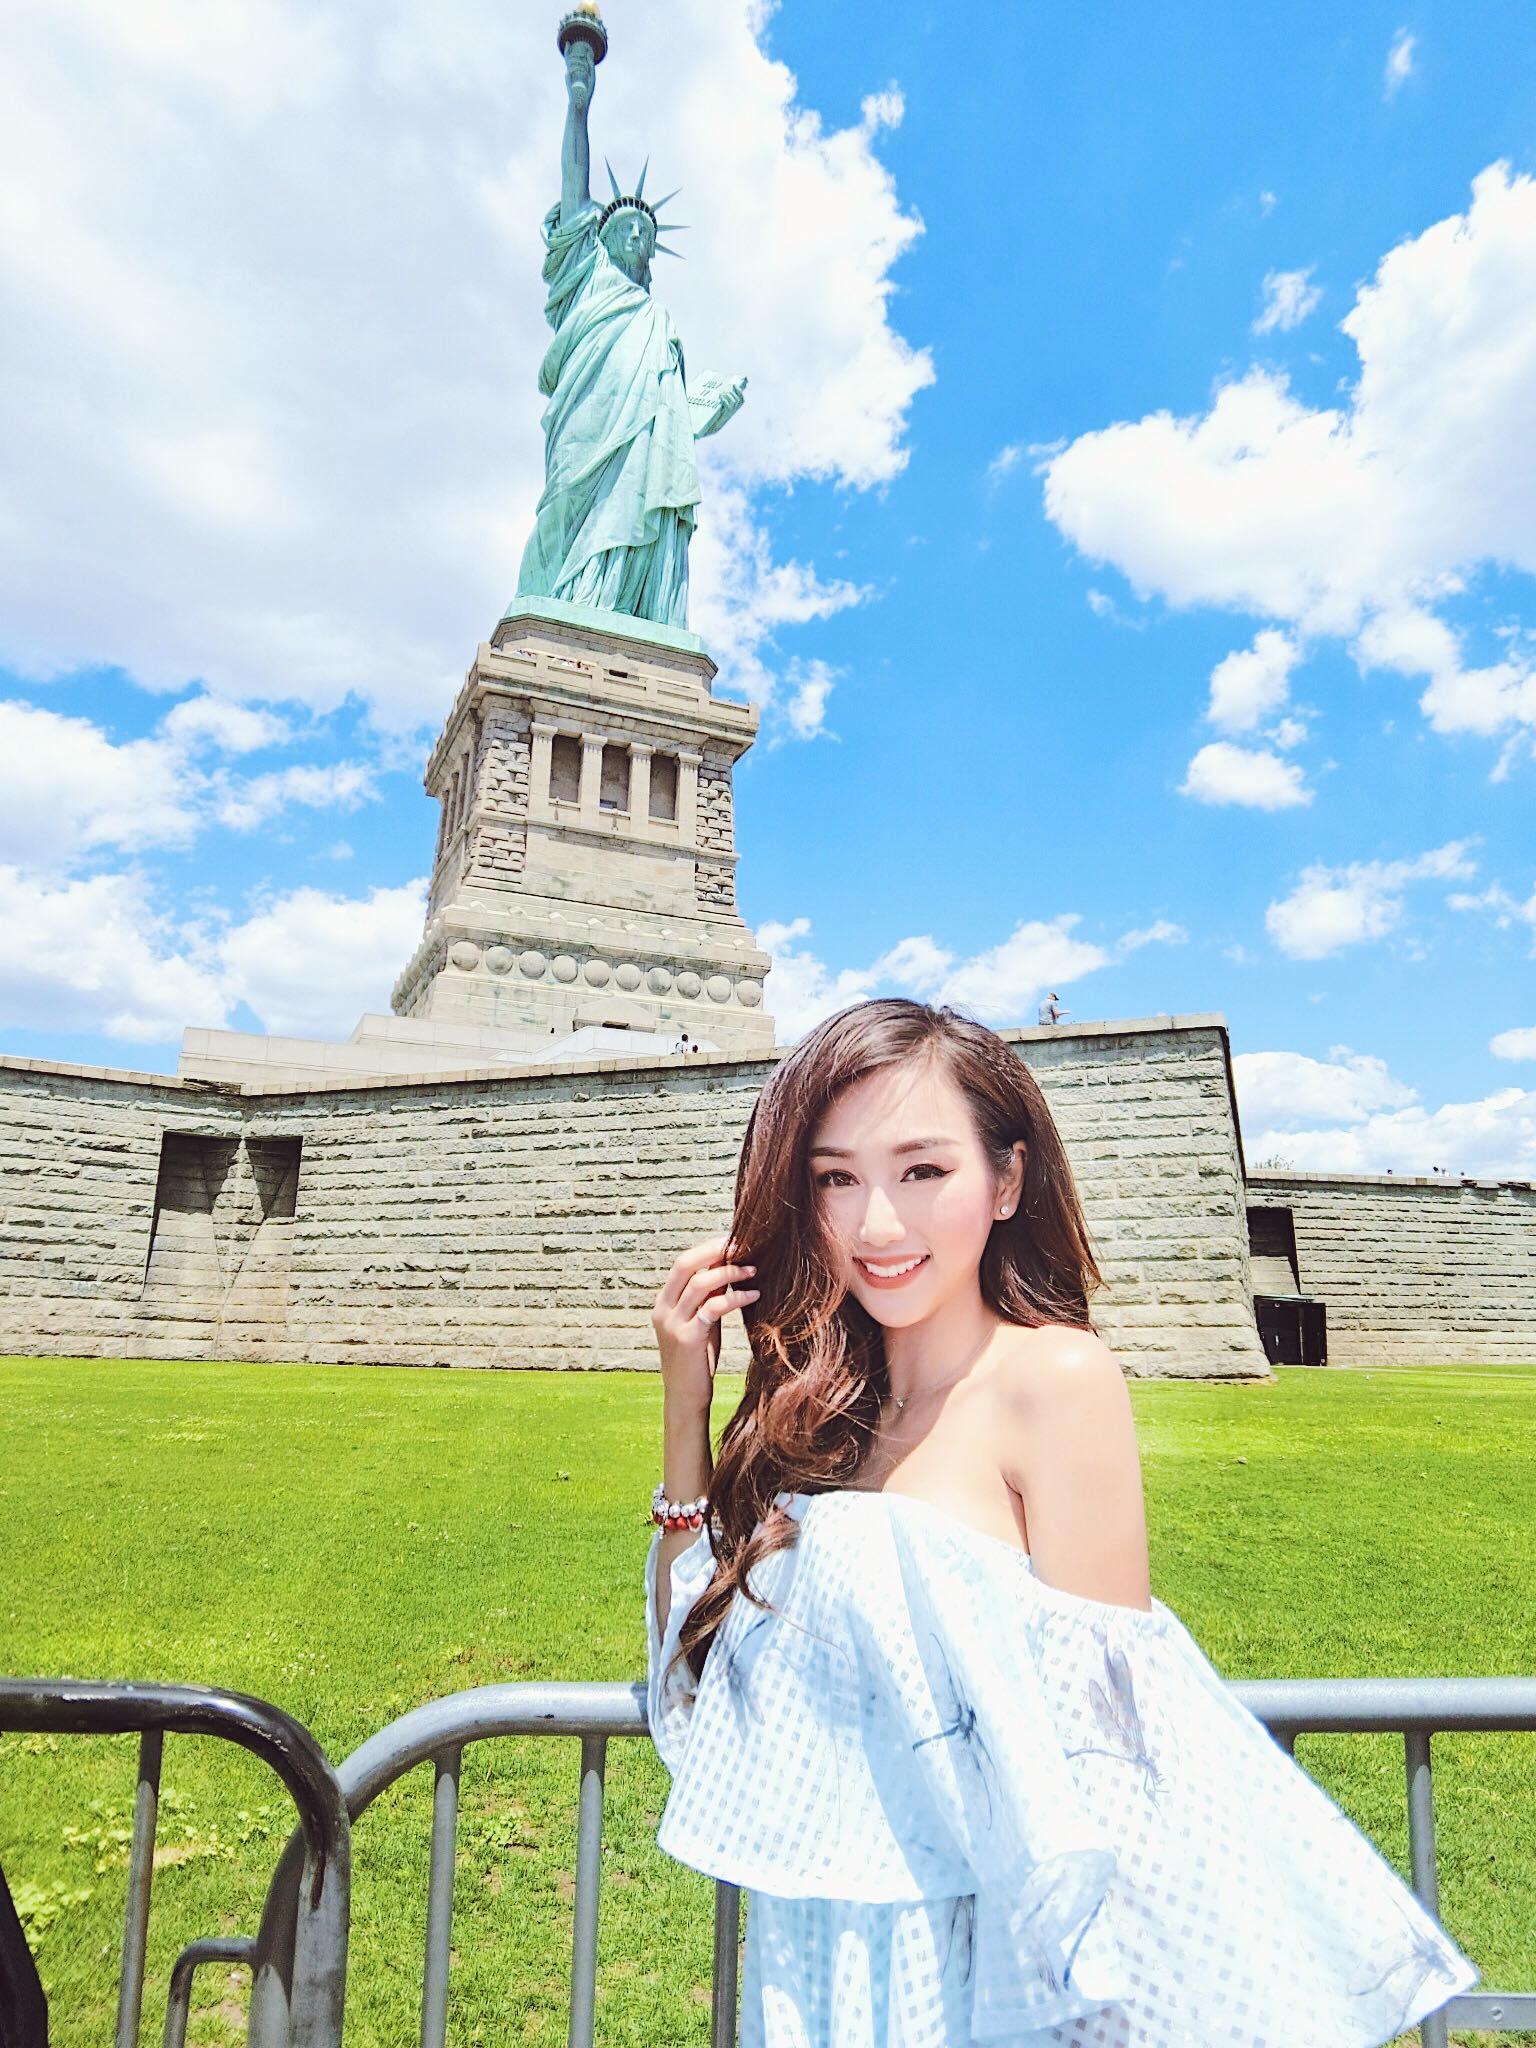 Đời sống: Nữ DJ Việt khoe kinh nghiệm đi NewYork 5 ngày 20 triệu: Toàn thông tin search trên mạng